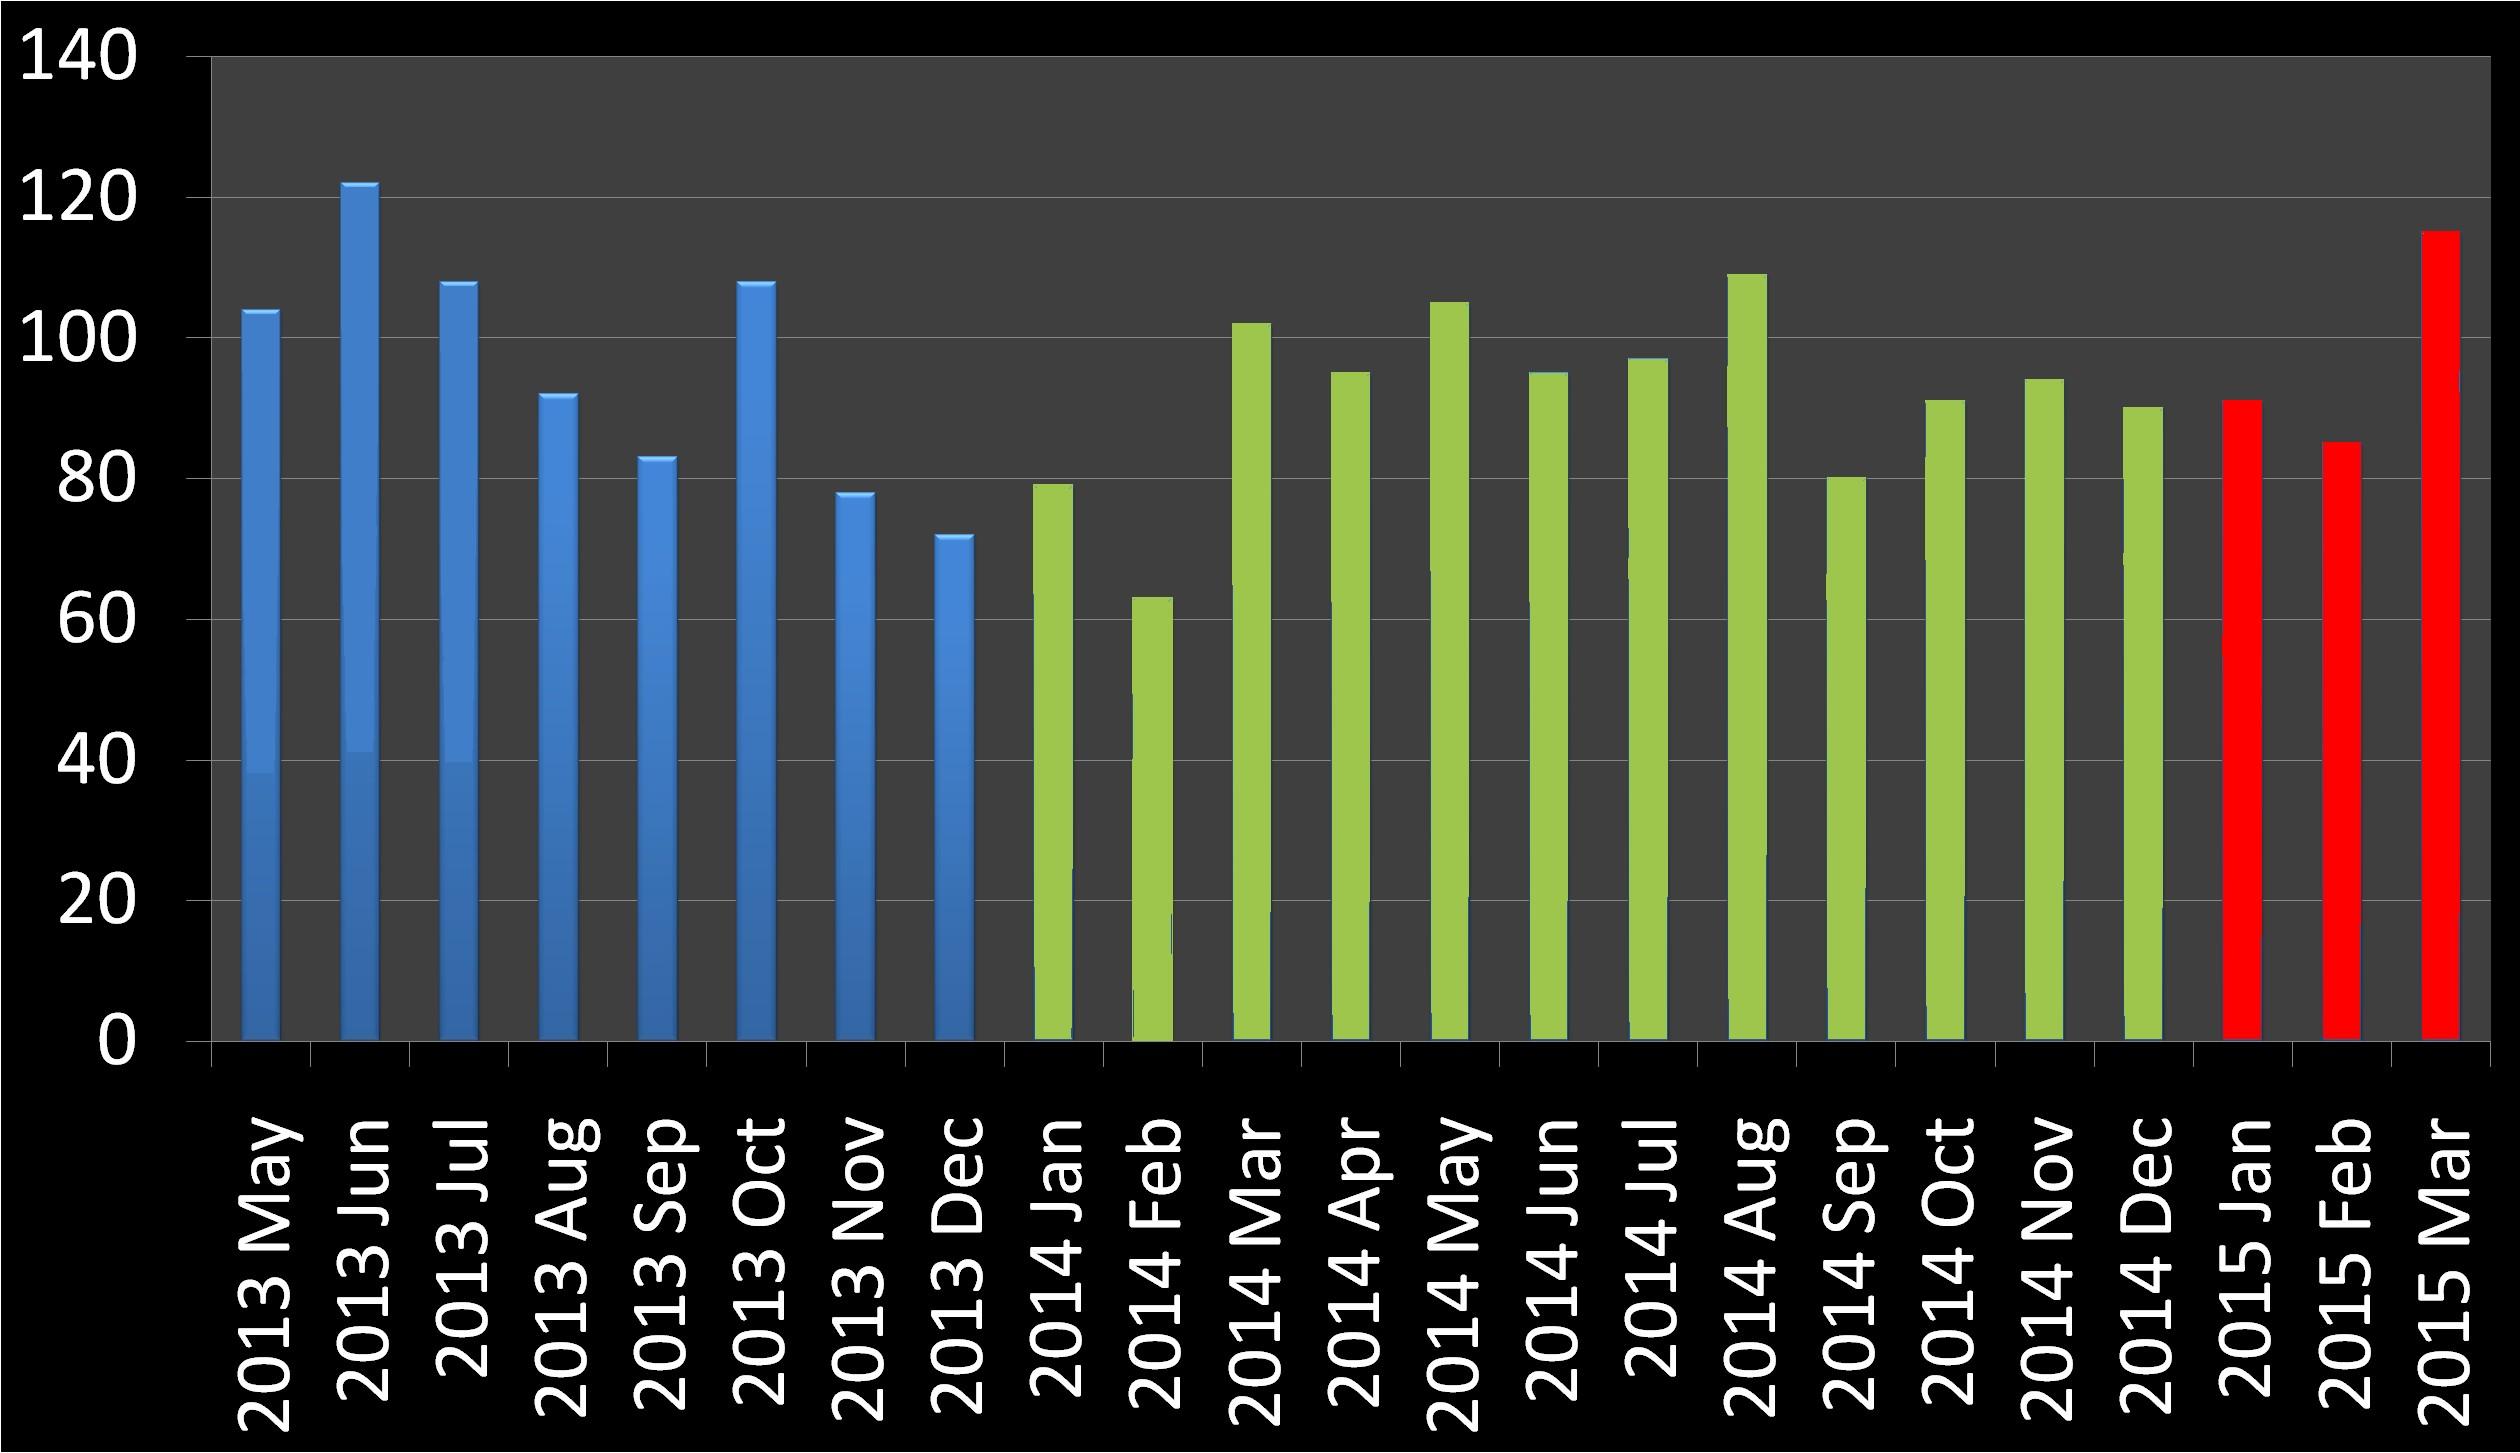 Deaths 2013 june 122 deaths 2013 july 108 deaths 2013 august 92 deaths